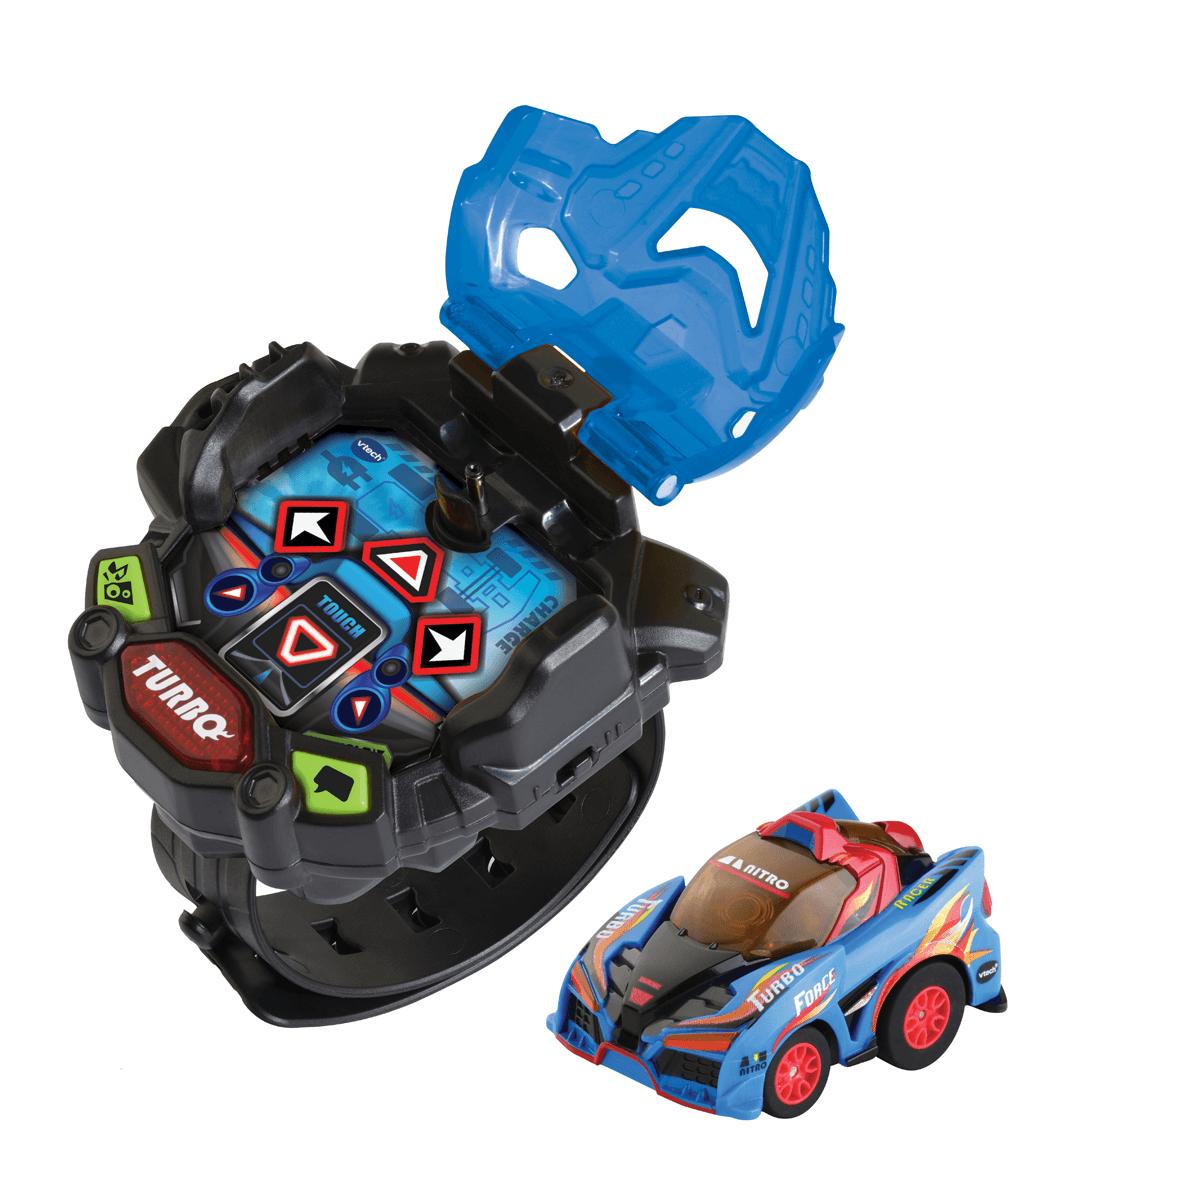 VTech Turbo Force Racer - Blue